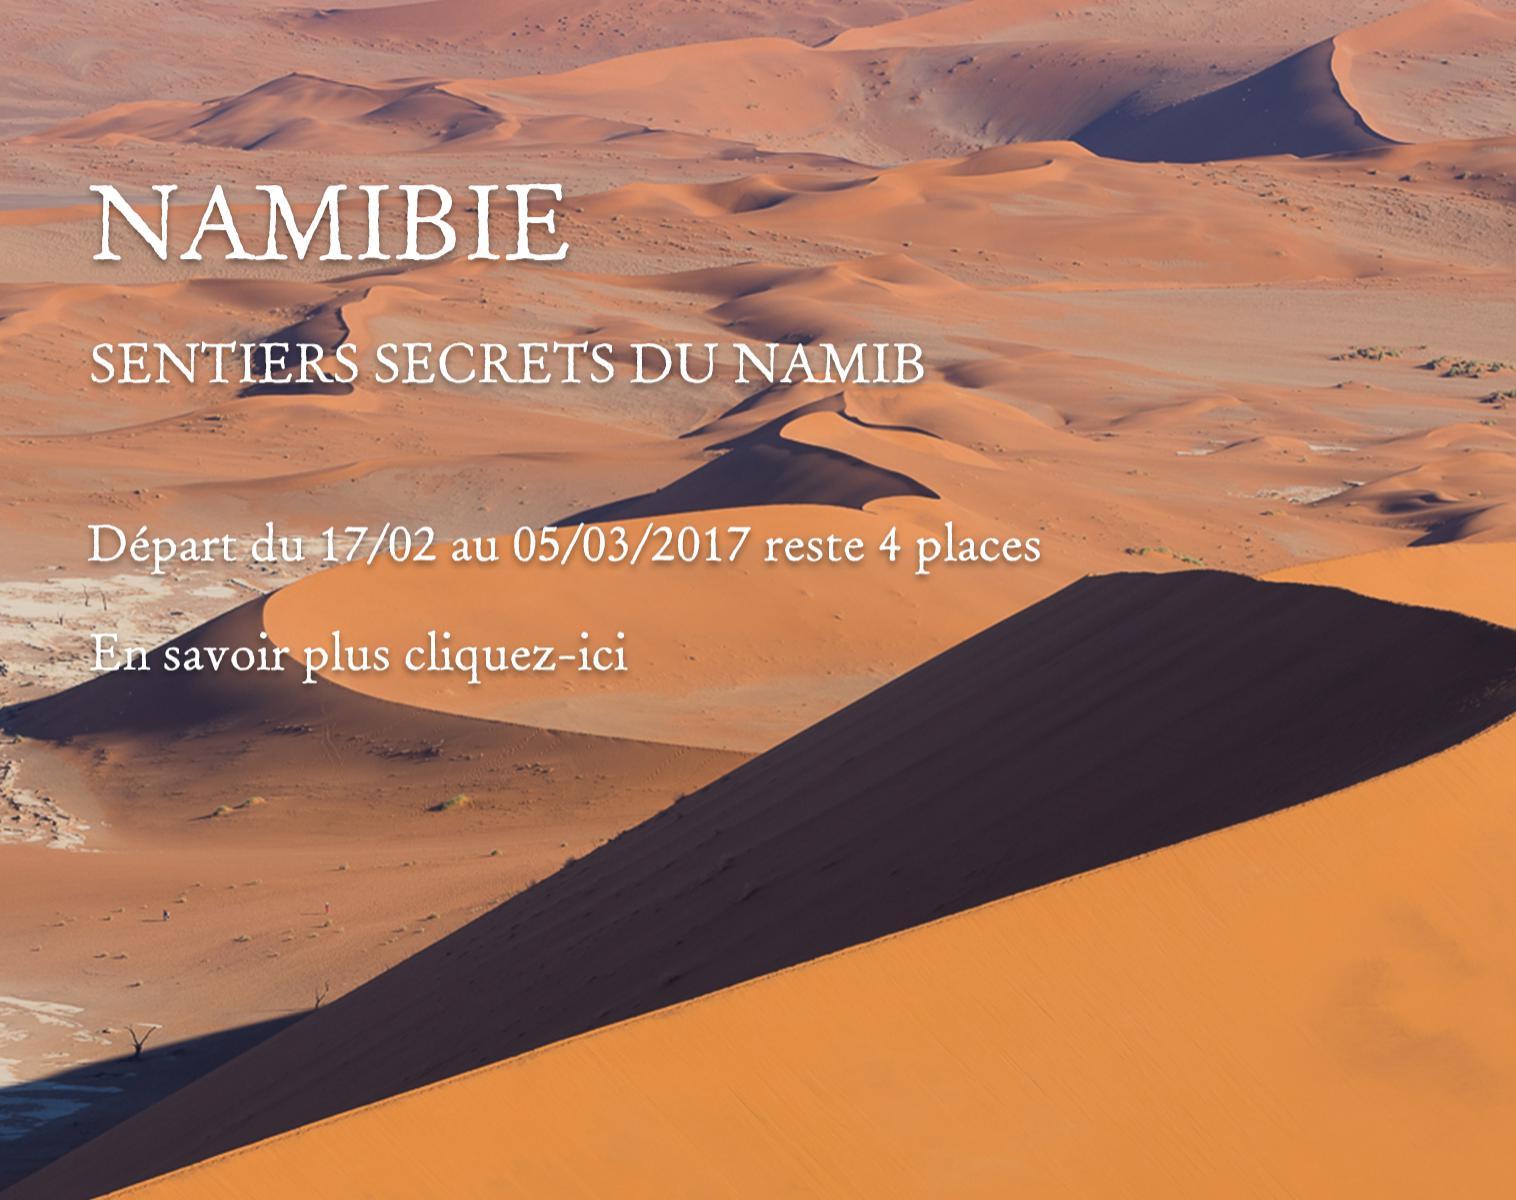 Namibie, Sentiers secrets du Namib